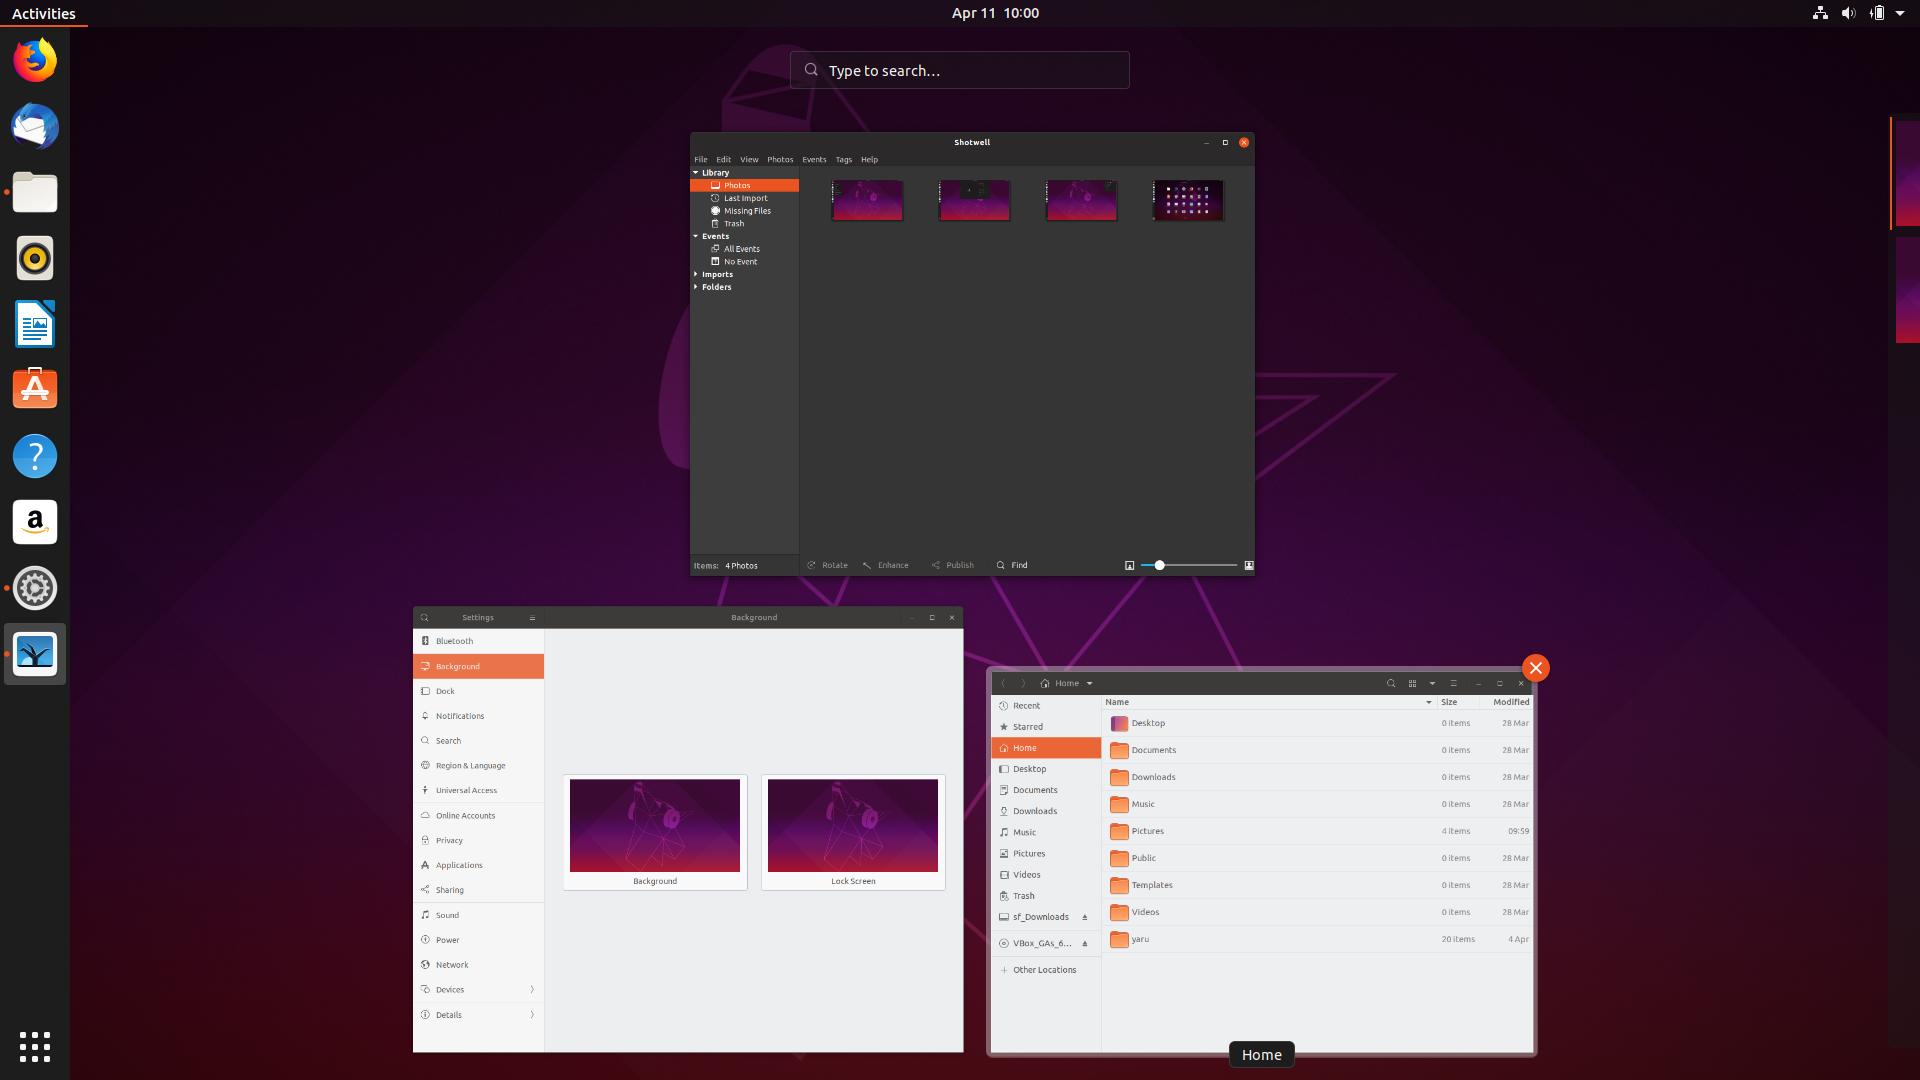 GitHub - ubuntu/yaru: Ubuntu community theme